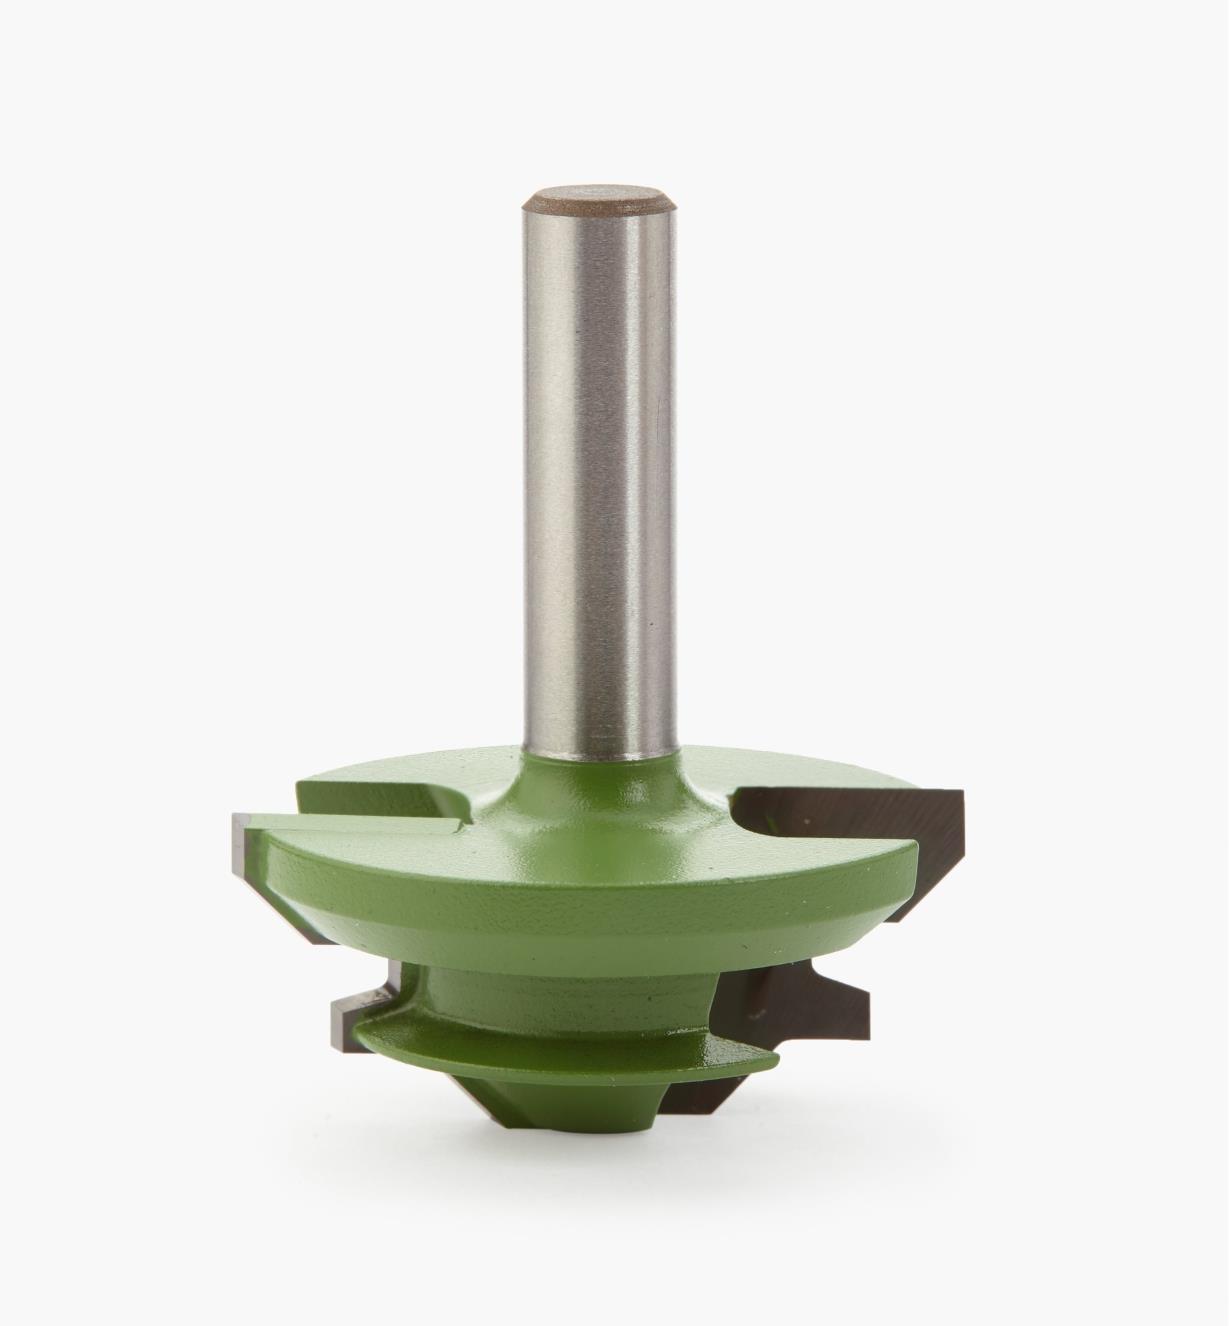 18J7508 - Mèche à onglet verrouillé, 11/2po x 1/2po x 8mm